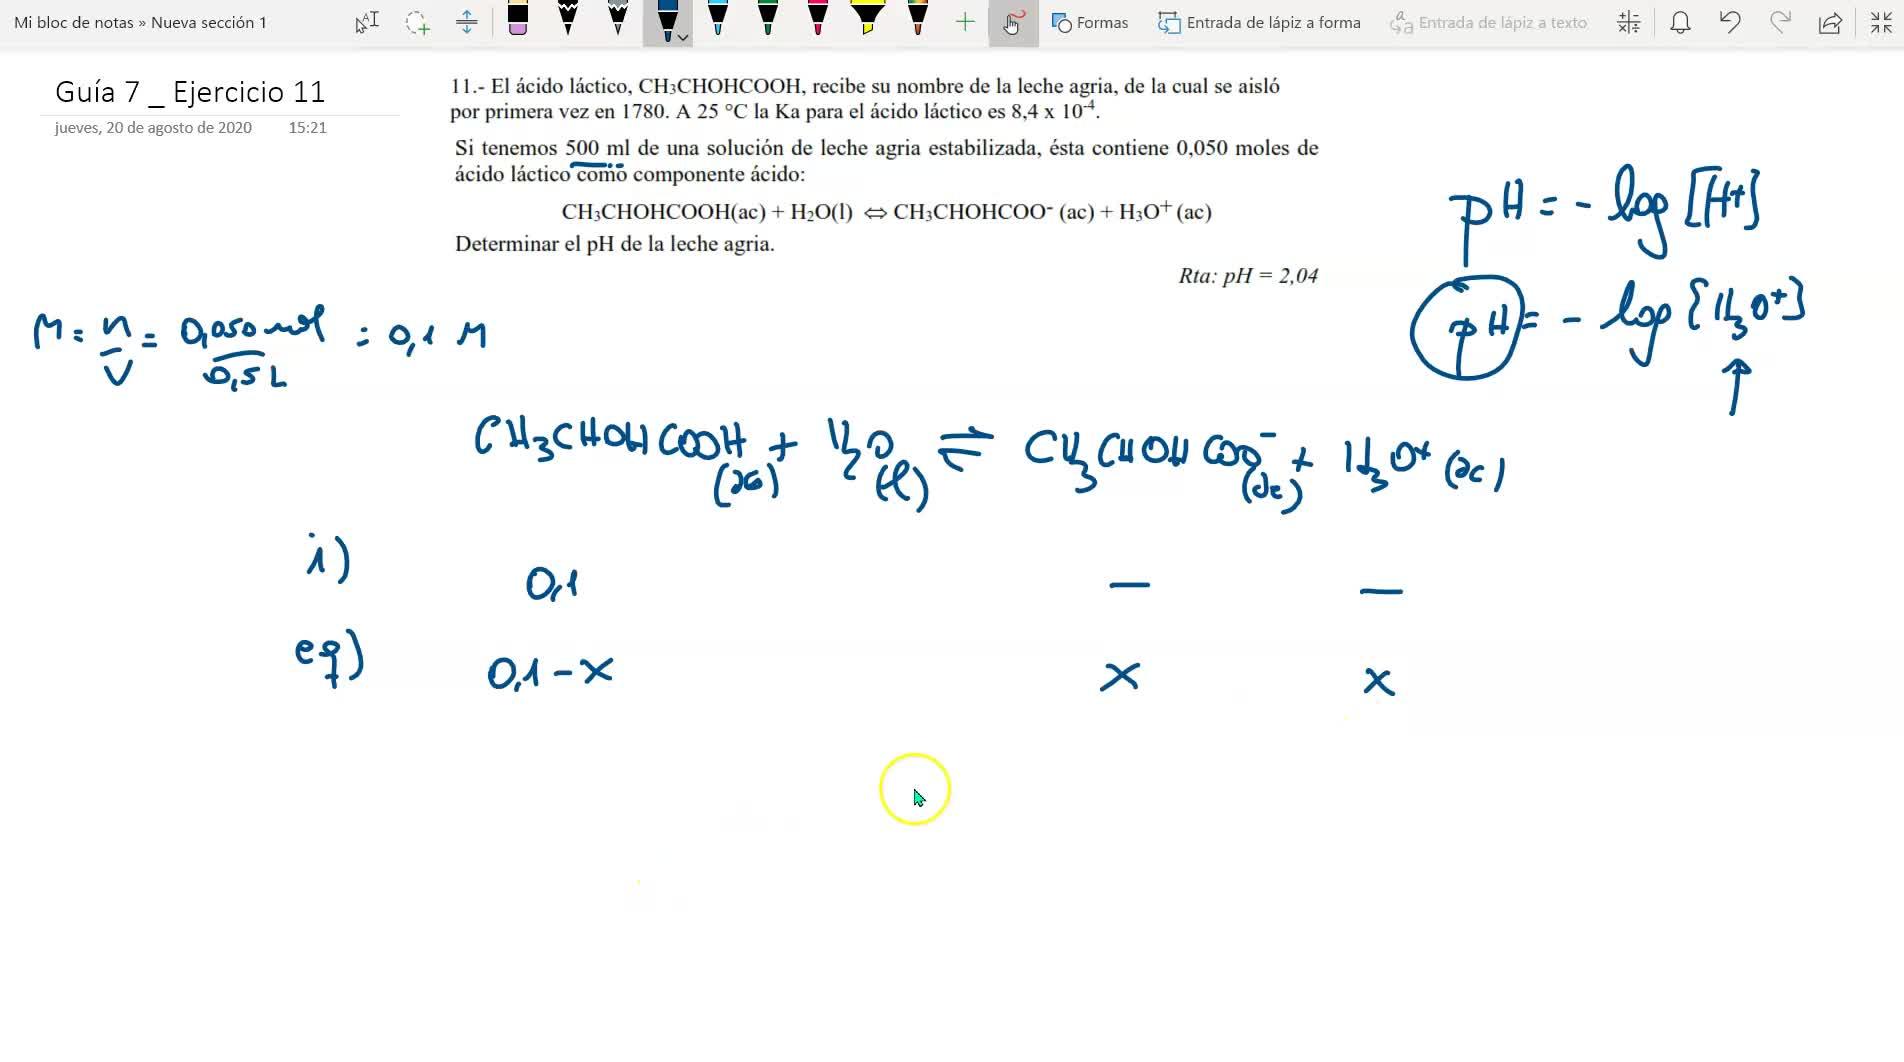 guía de equilibrio químico _ ejercicio 11